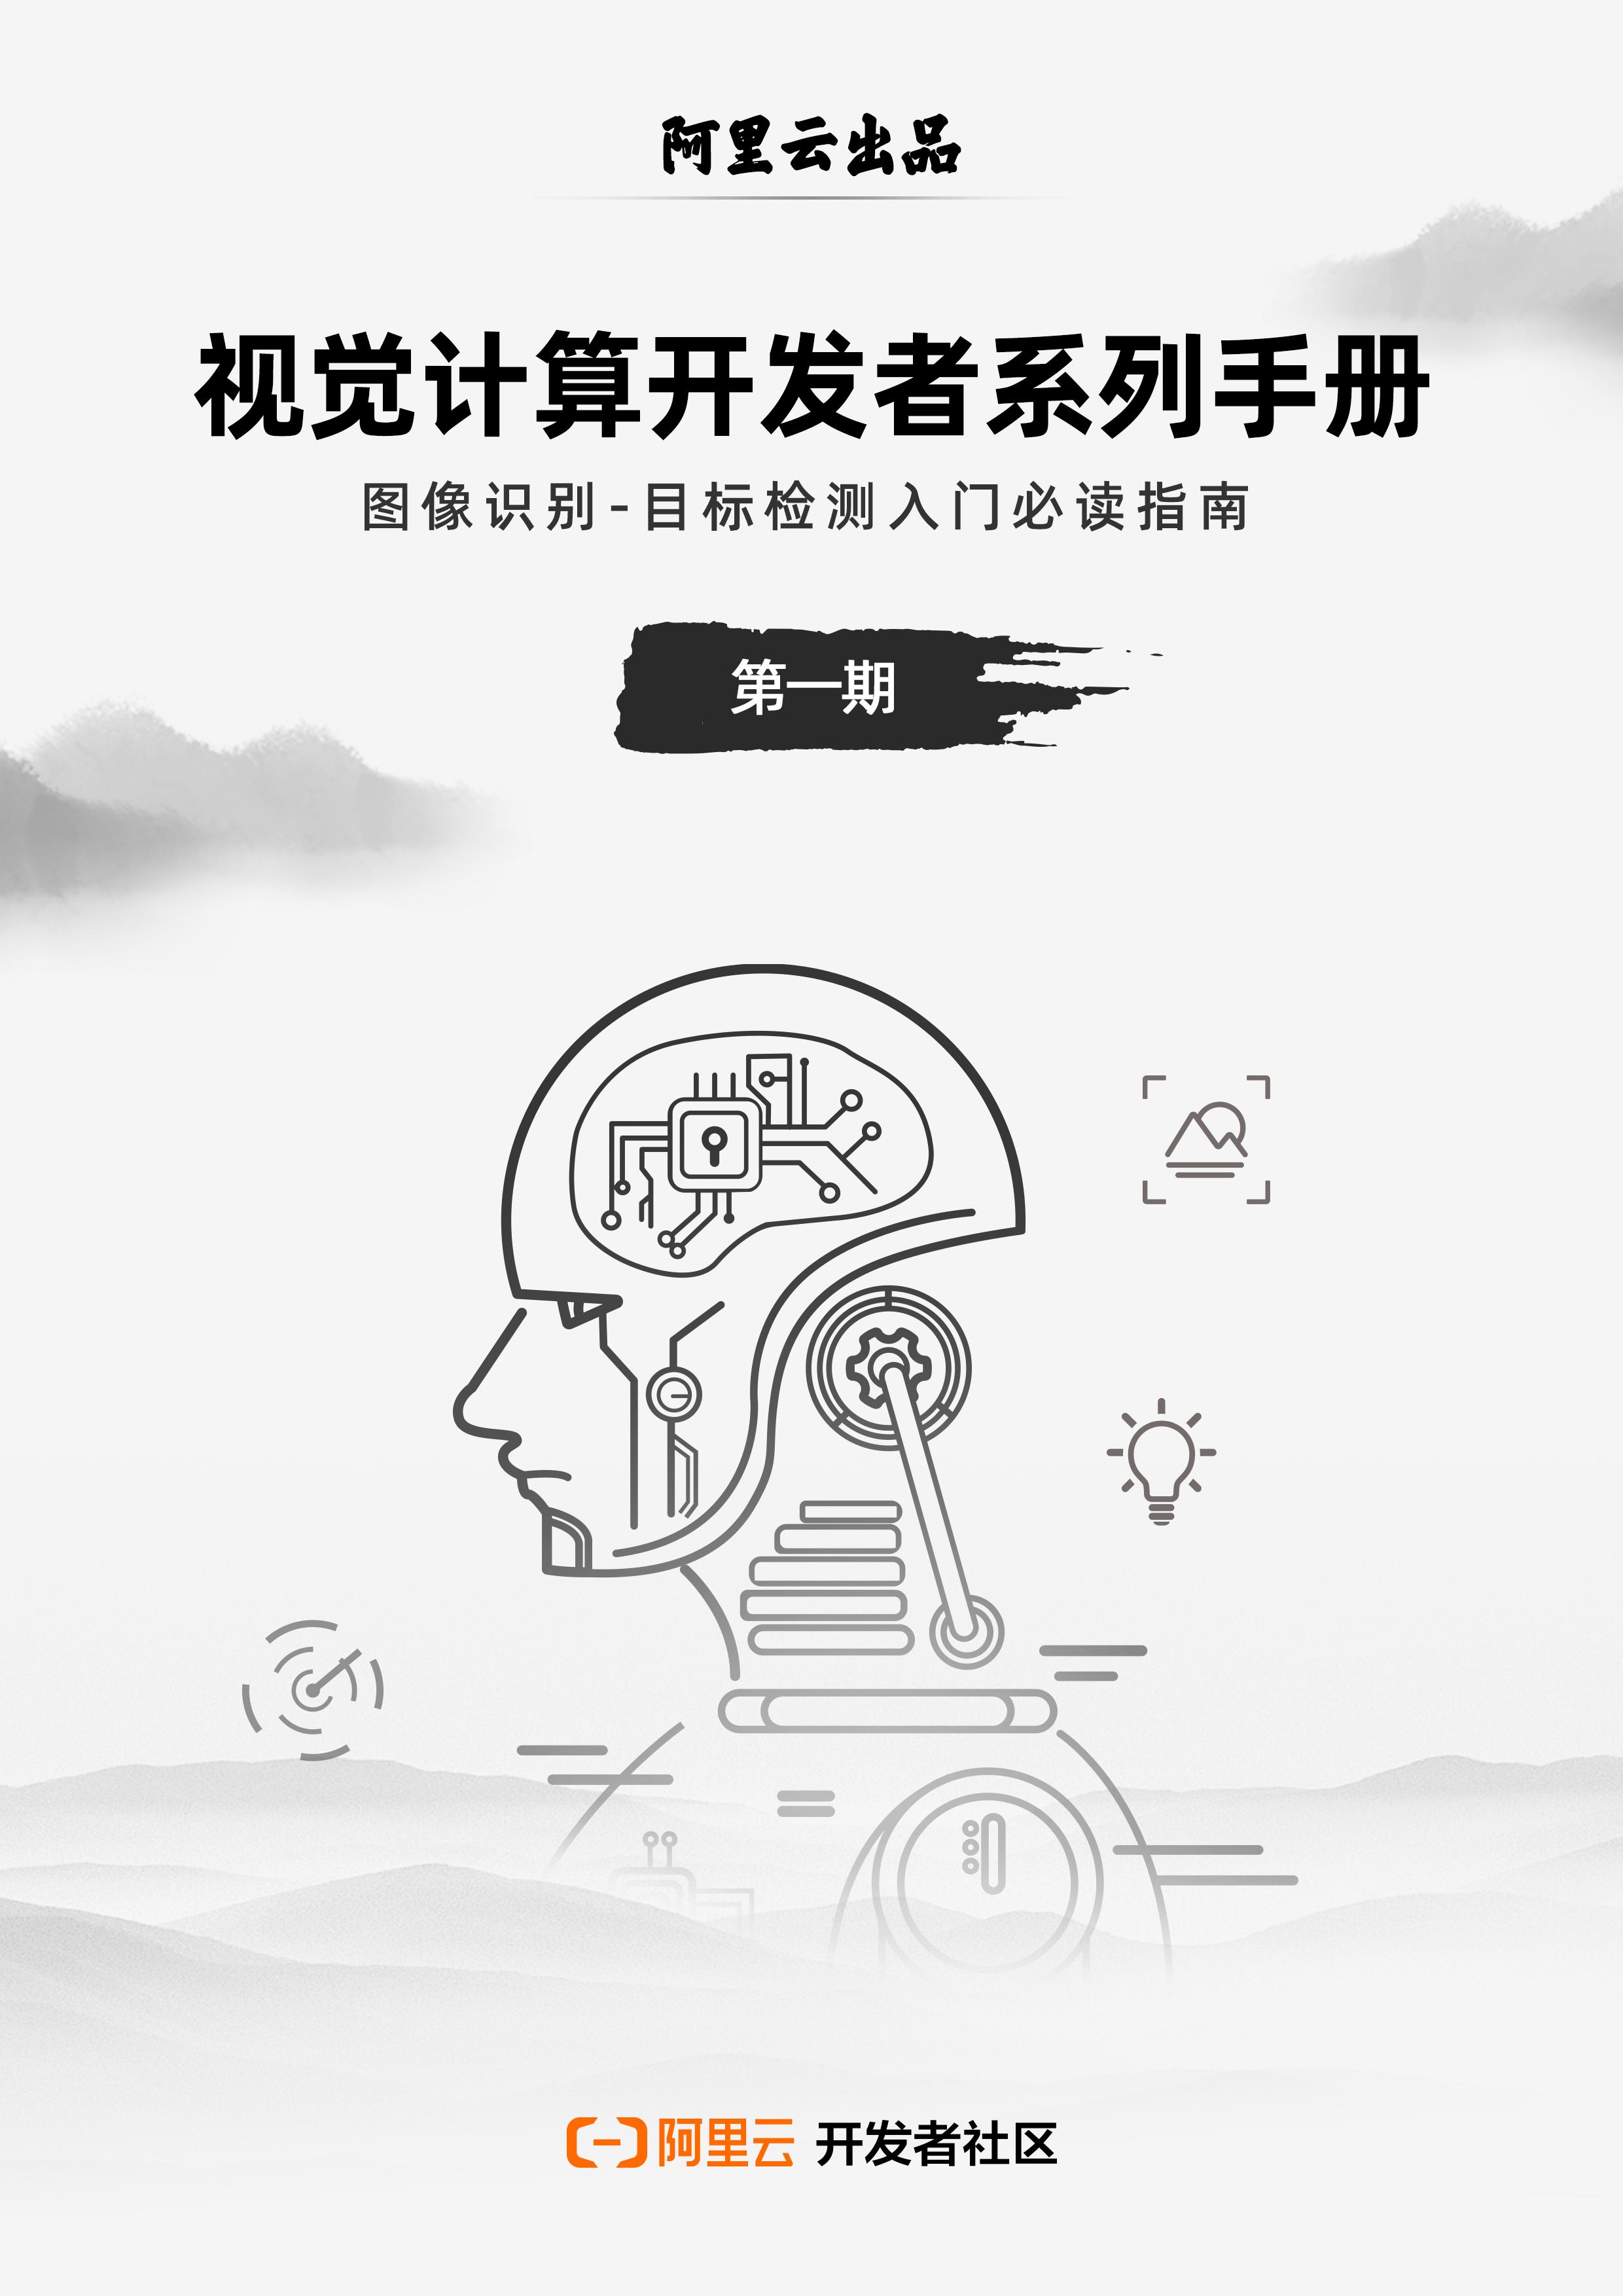 博彦-阿里云-达摩院封面设计DM19110500042.png